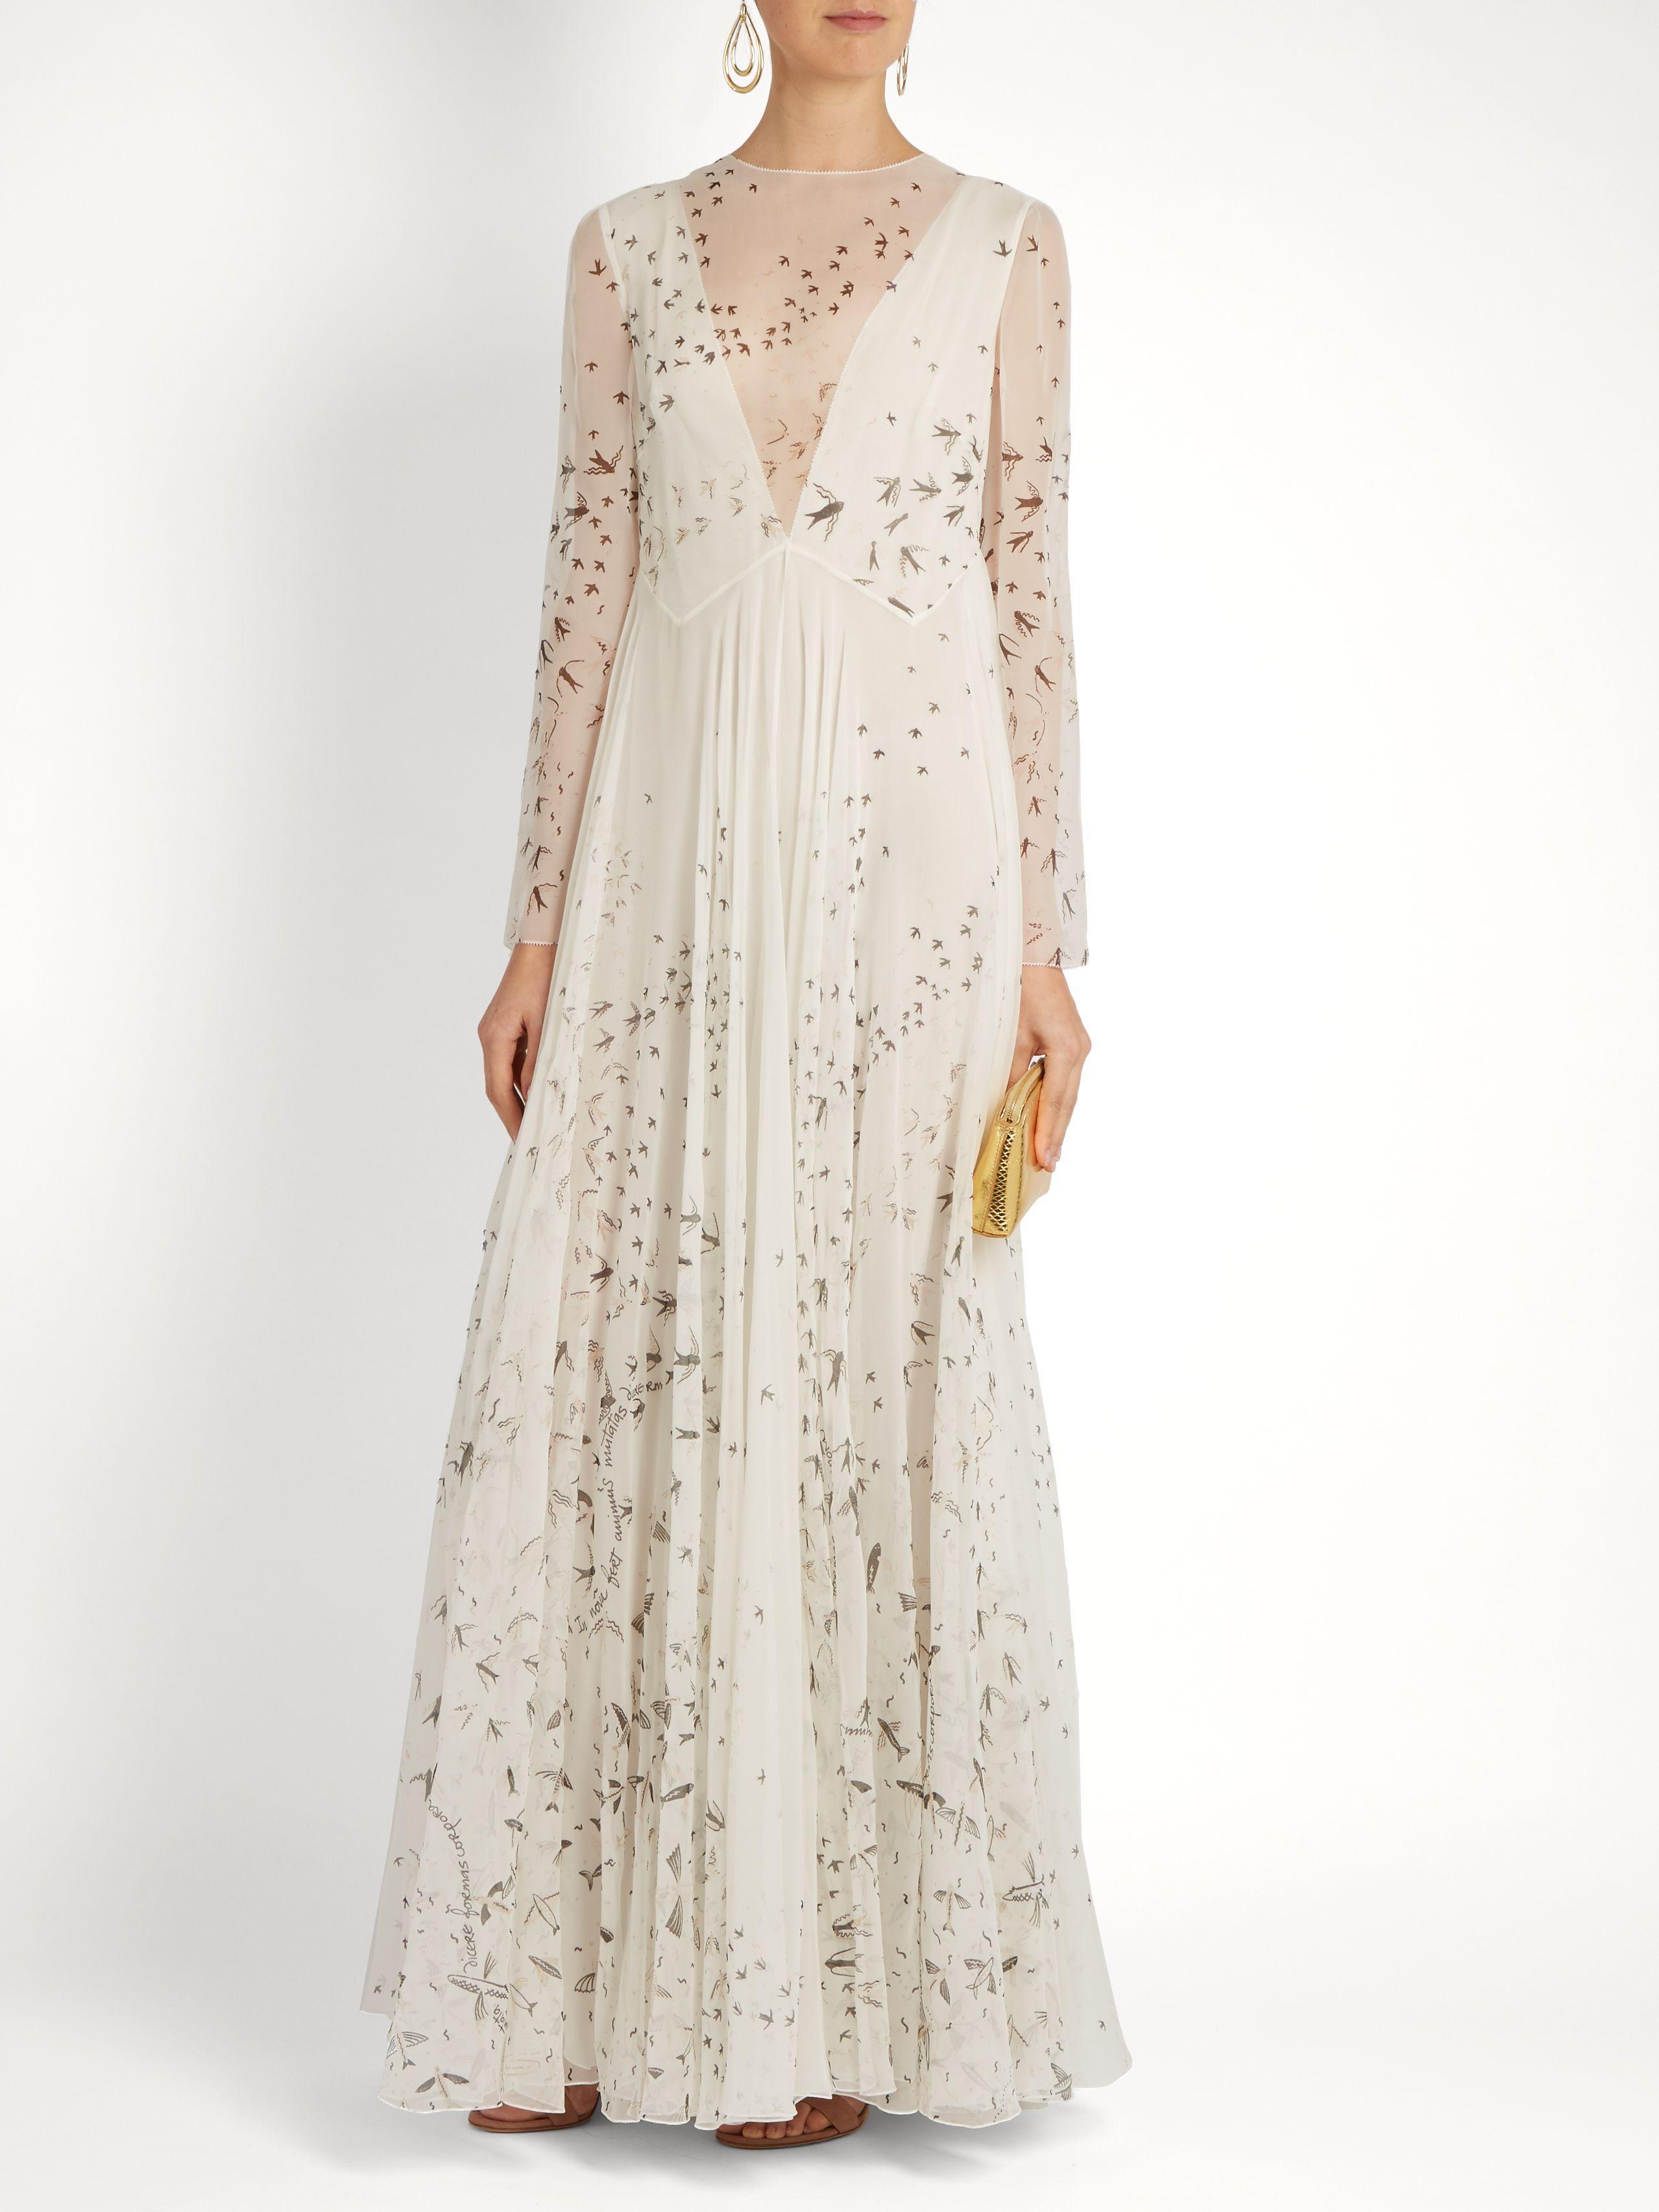 Valentino Woman Embellished Chantilly Lace Silk Mini Dress White Size 38 Valentino Cheap Low Cost ZRBhXbi